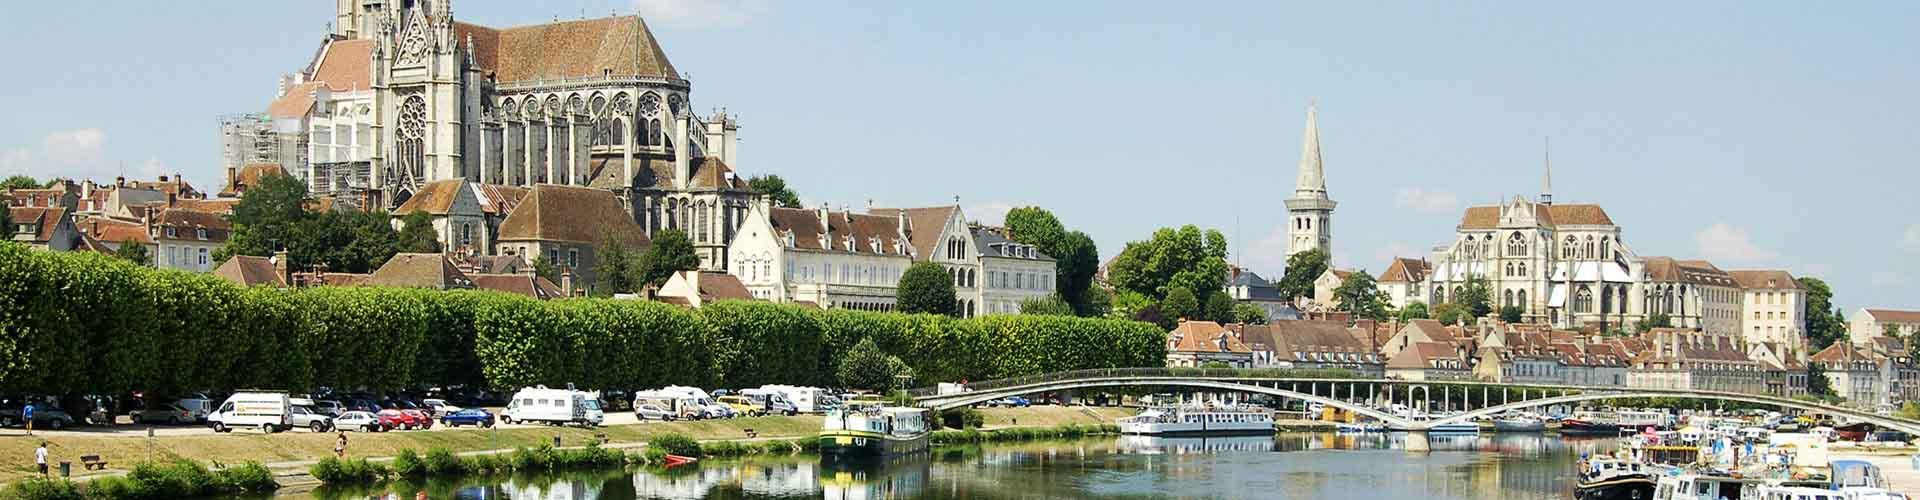 Auxerre - Auberges de jeunesse à Auxerre. Cartes pour Auxerre, photos et commentaires pour chaque auberge de jeunesse à Auxerre.